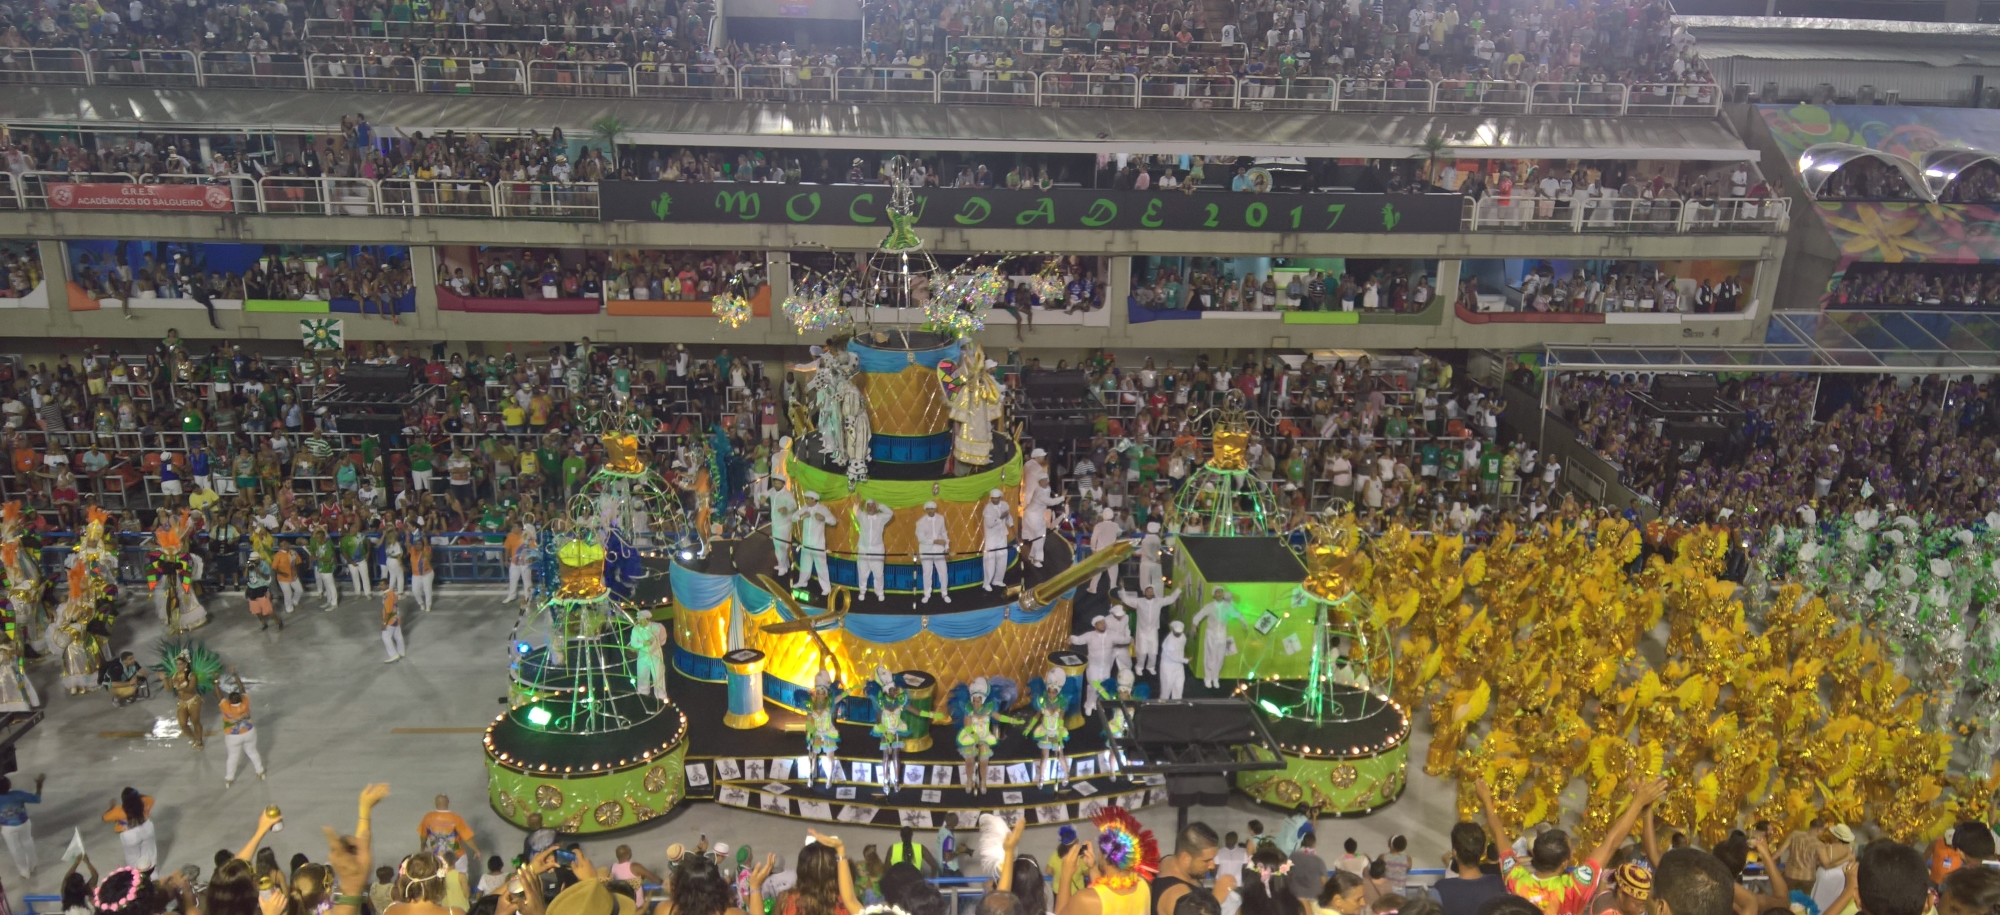 Carnaval at Samba Dome